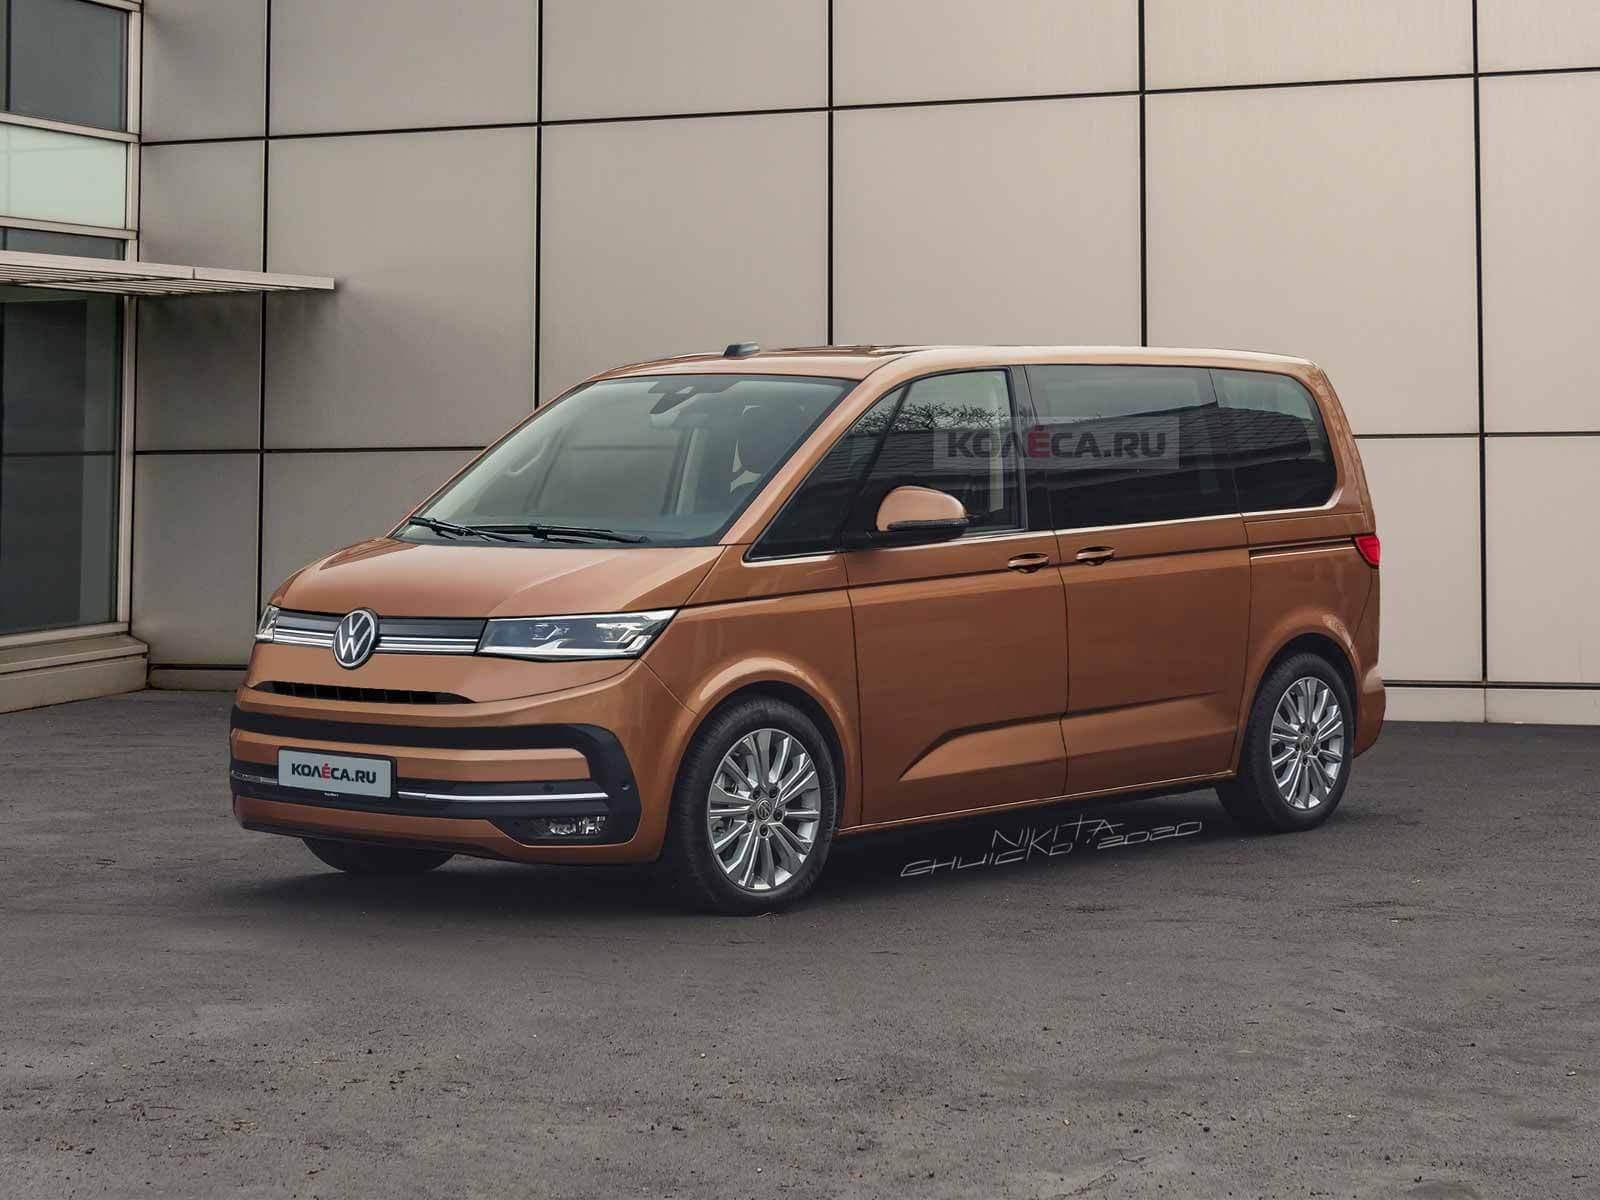 Новый Volkswagen Multivan T7 - Kolesa.ru - автомобильный журнал